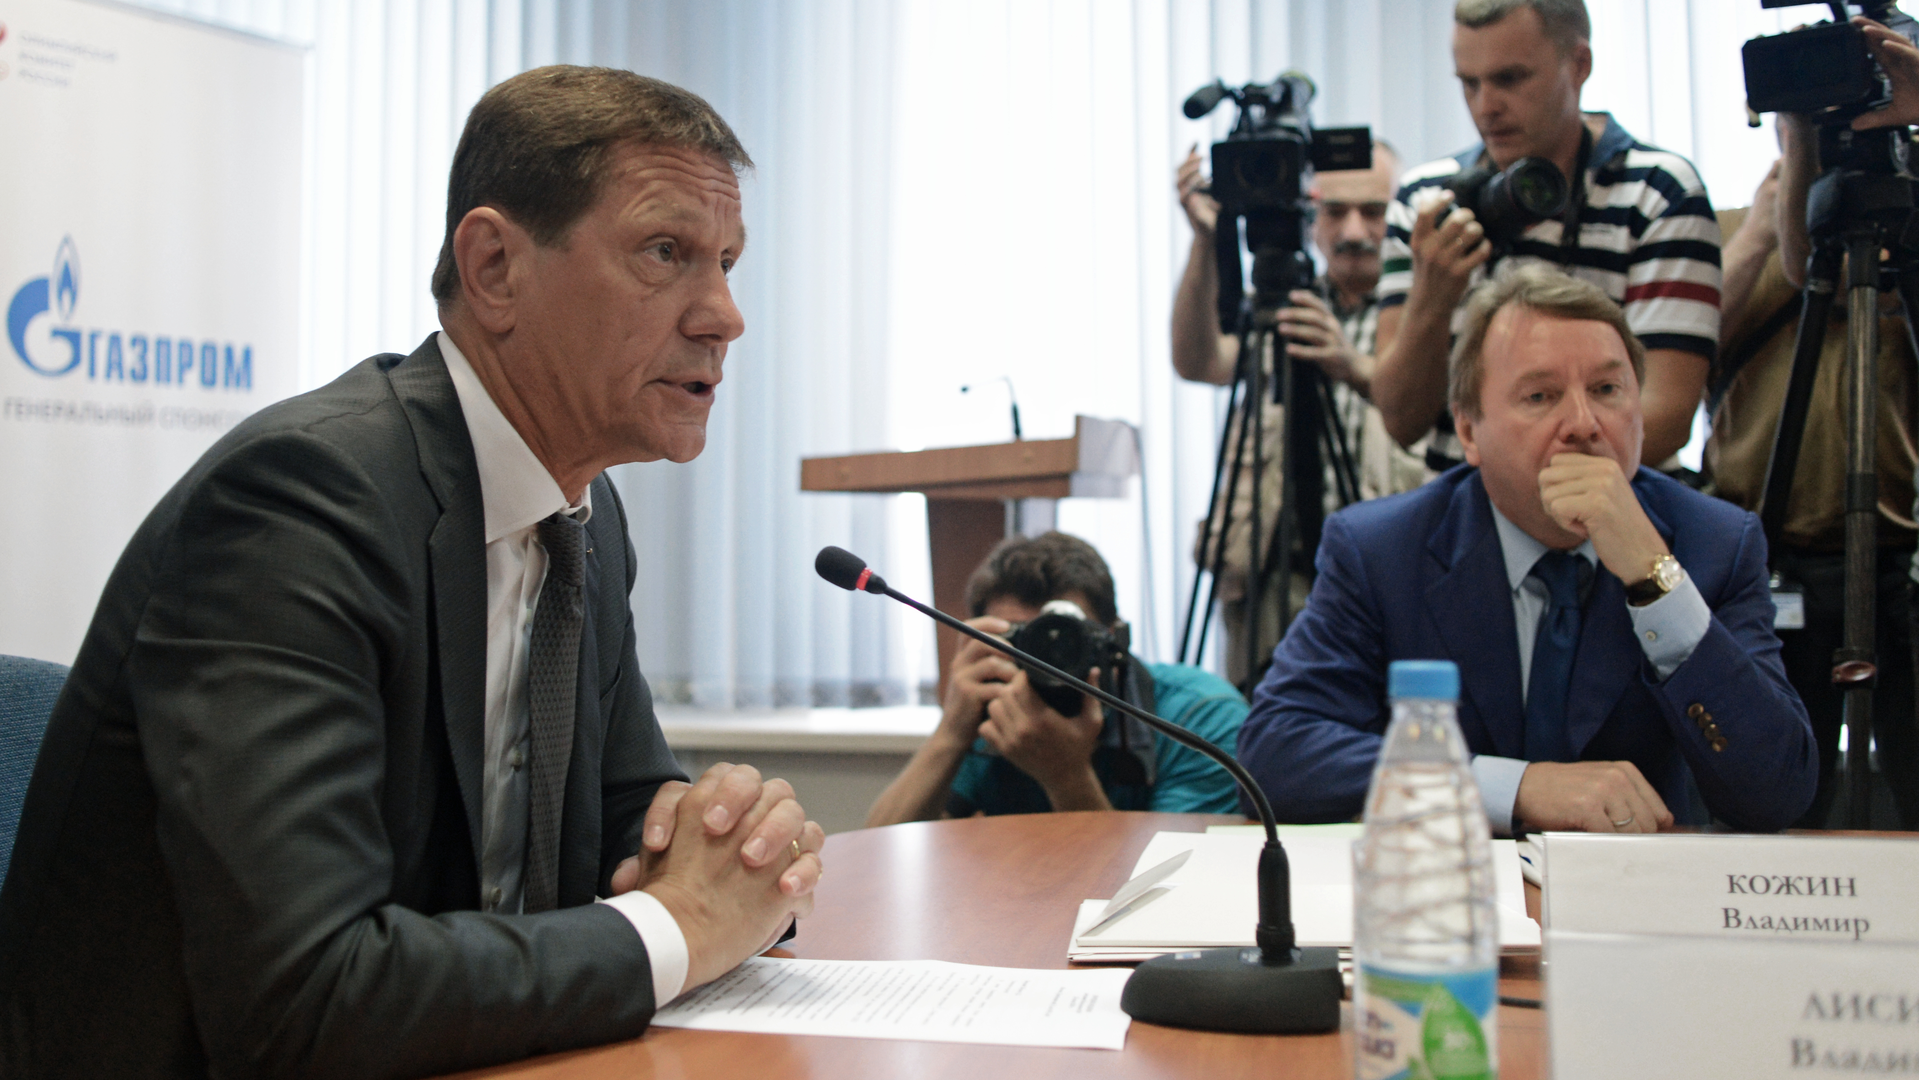 Александр Жуков: Спортсмены из РФ будут выступать на Играх в Рио только под флагом России